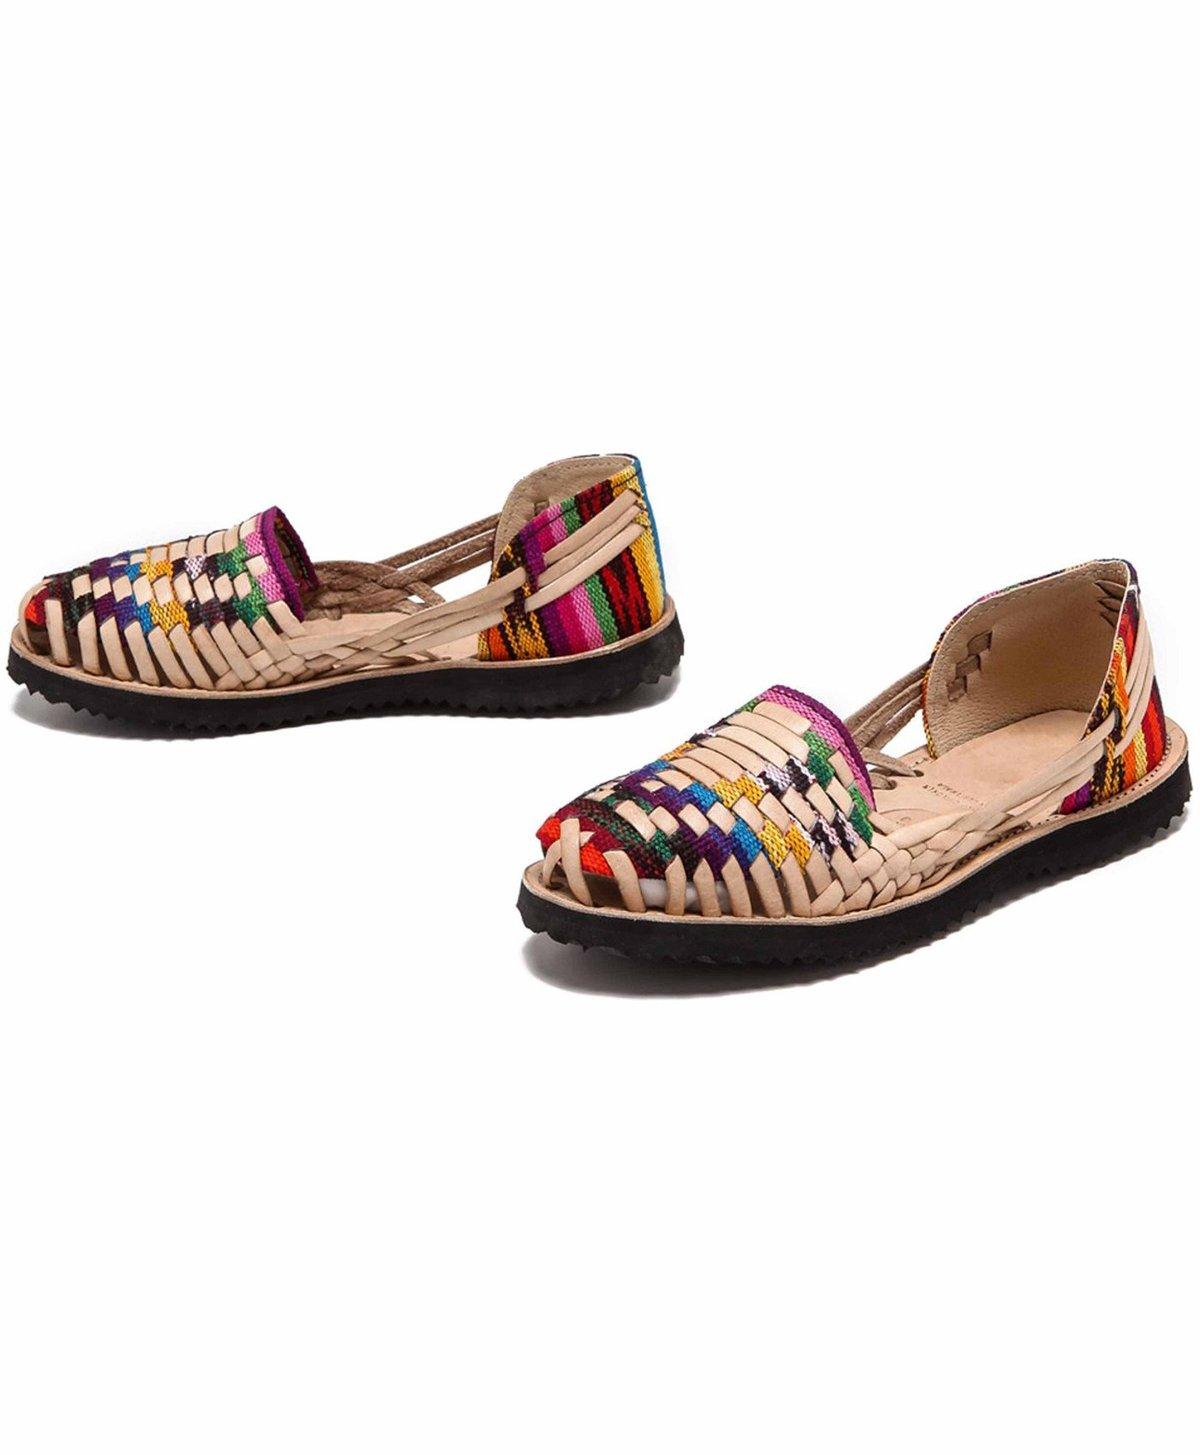 adcfa25e59049 Ix Style Woven Leather Huarache Sandals - Multi